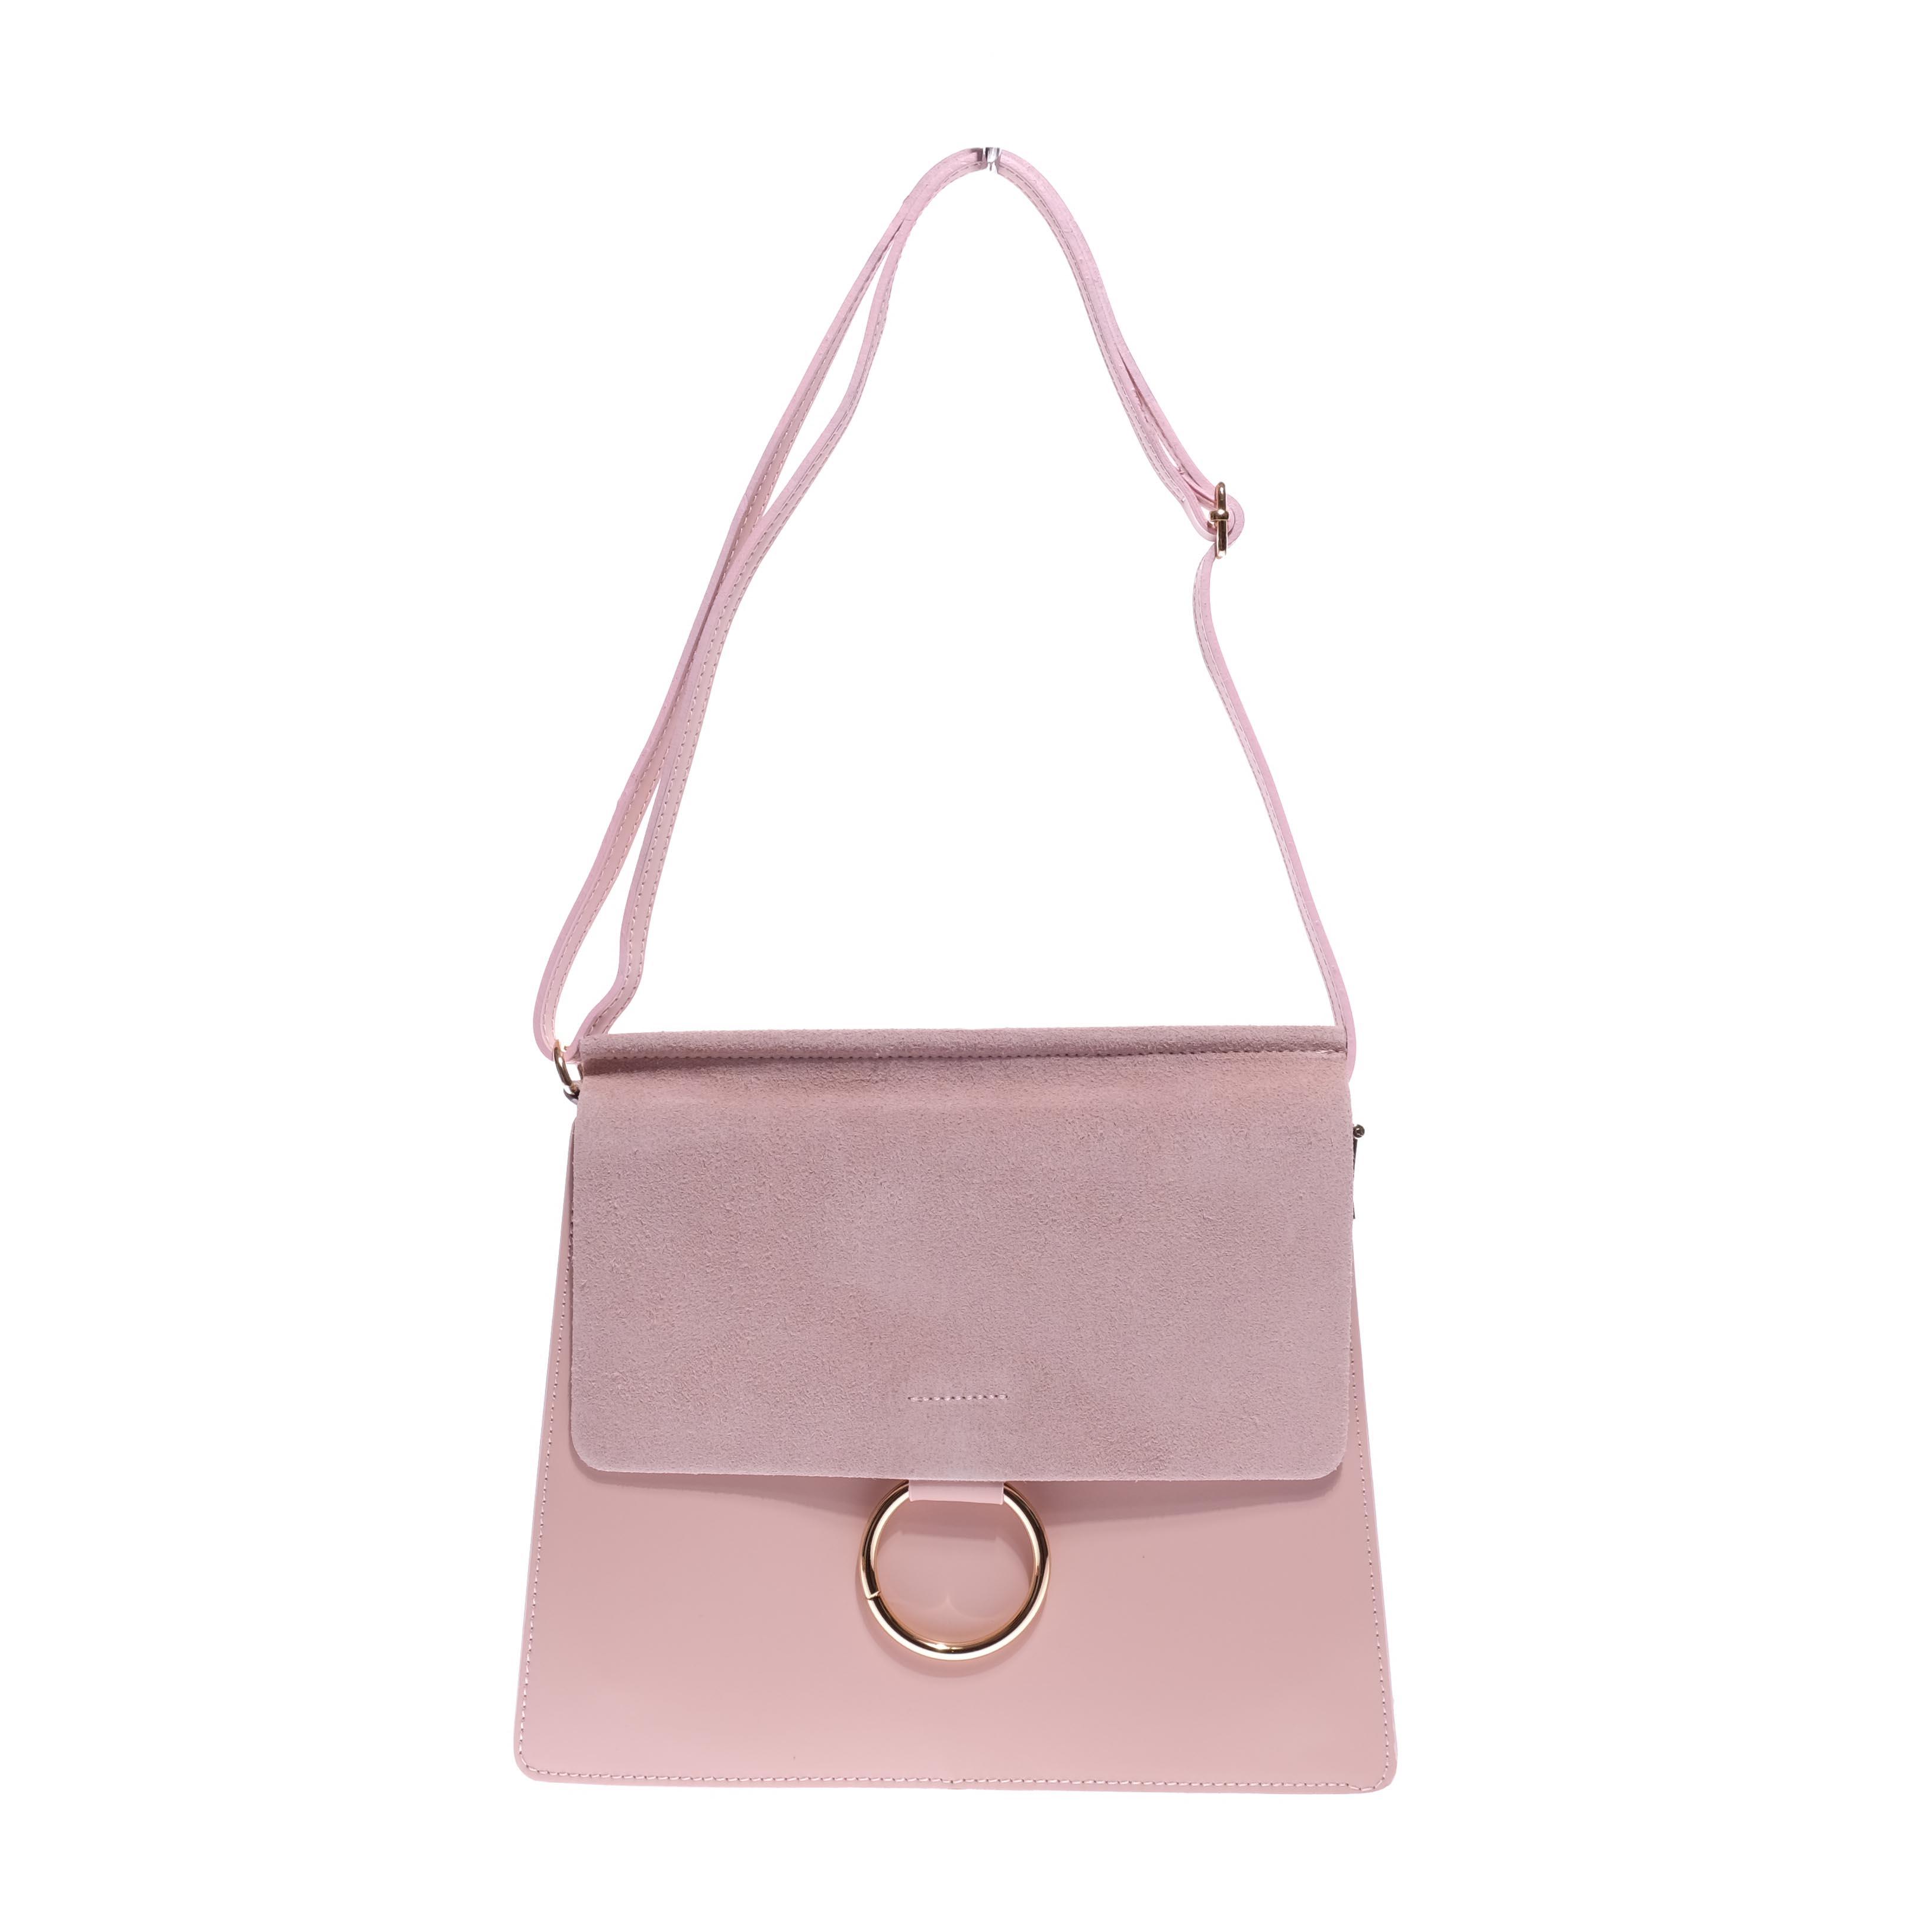 84dc168da7d9 Besty Rózsaszín Valódi Bőr Fekete Női Oldaltáska - VALÓDI BŐRTÁSKÁK - Táska  webáruház - Minőségi táskák mindenkinek